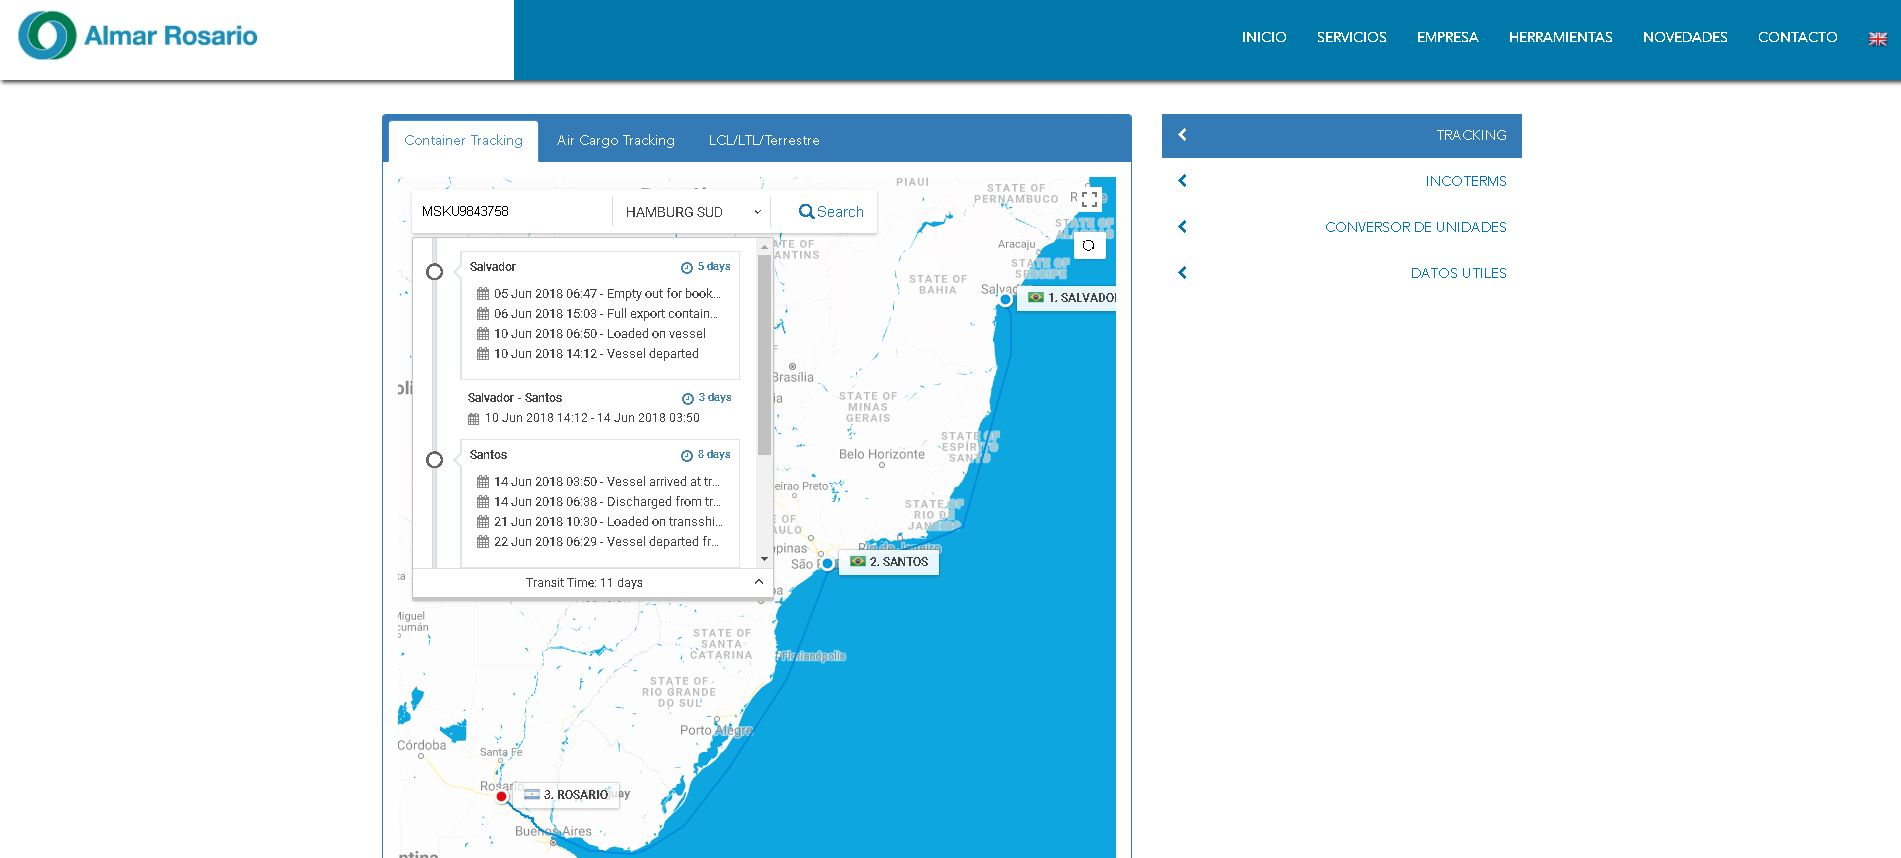 Nueva Pagina Web / Nuevo Tracking